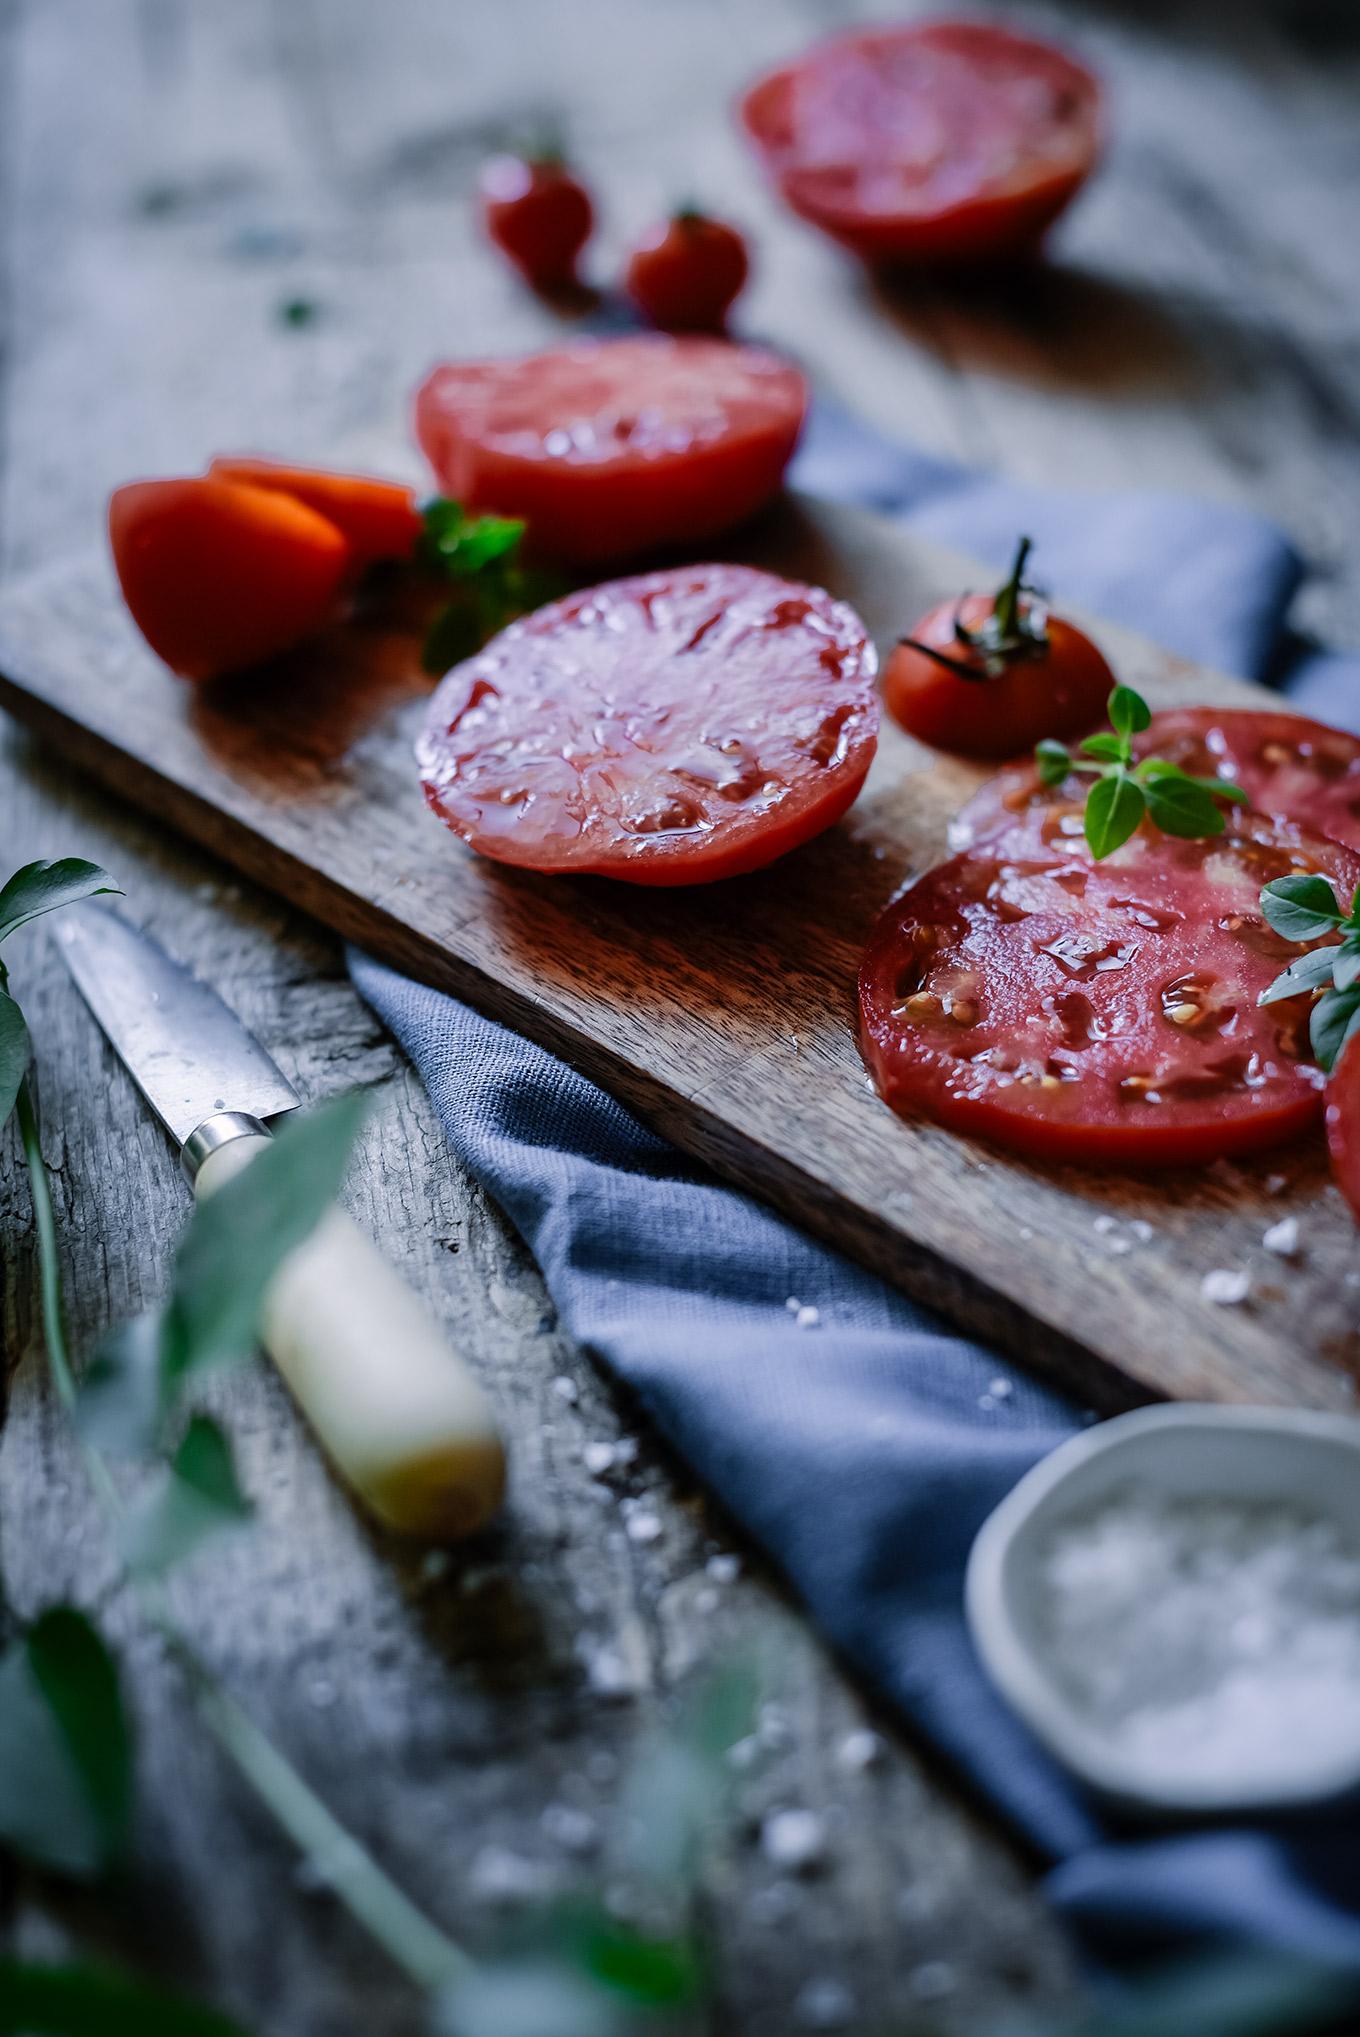 Tomates de temporada-Sabores y Momentos